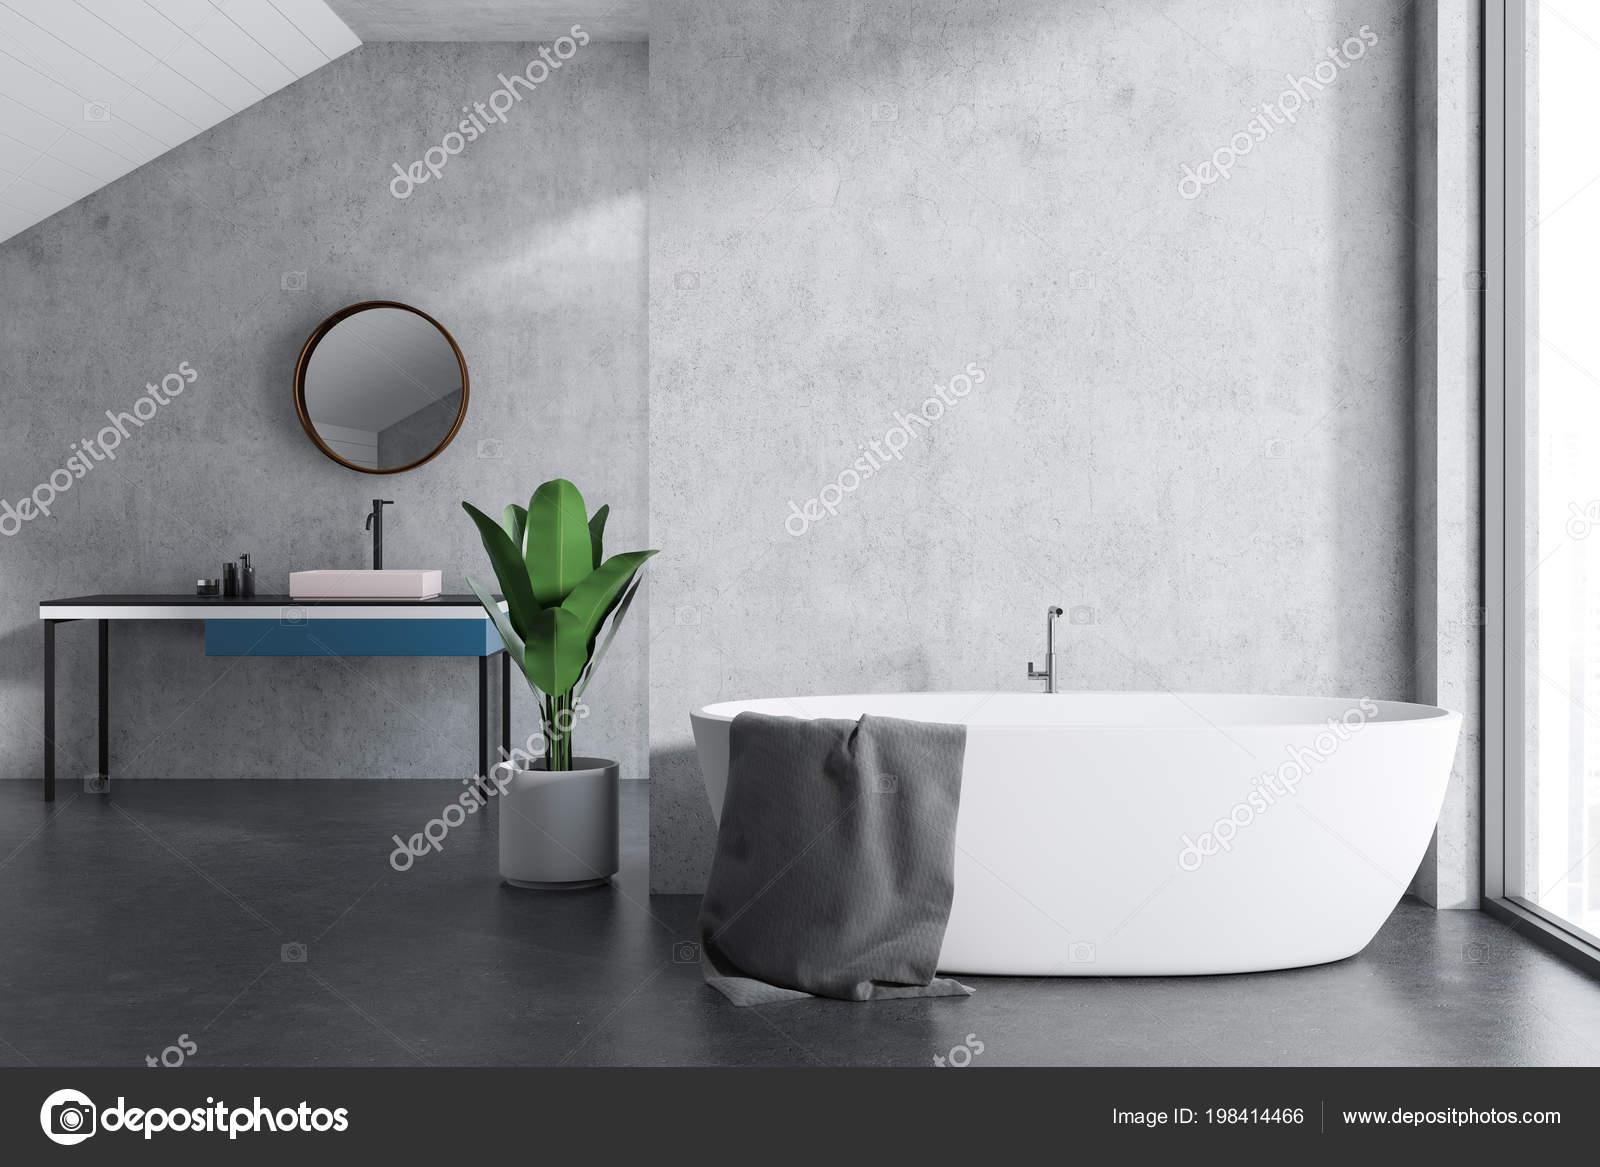 Betonnen Badkamer Muur : Attic badkamer interieur met betonnen muren vloer een badkuip een